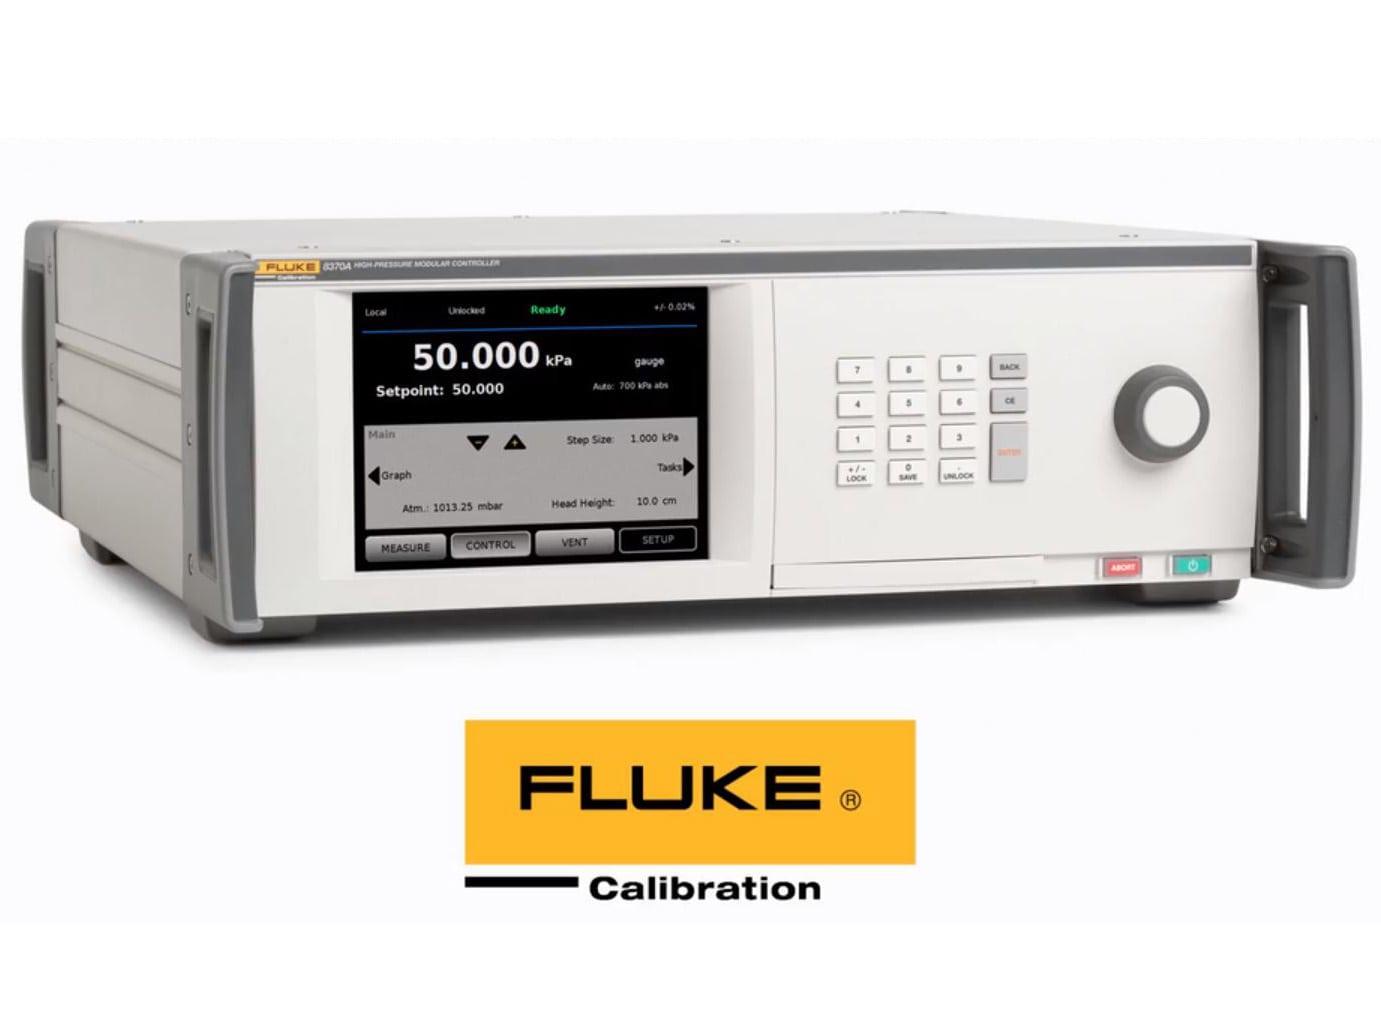 FLUKE - Vysokotlaký regulátor / kalibrátor 8270A a 8370A